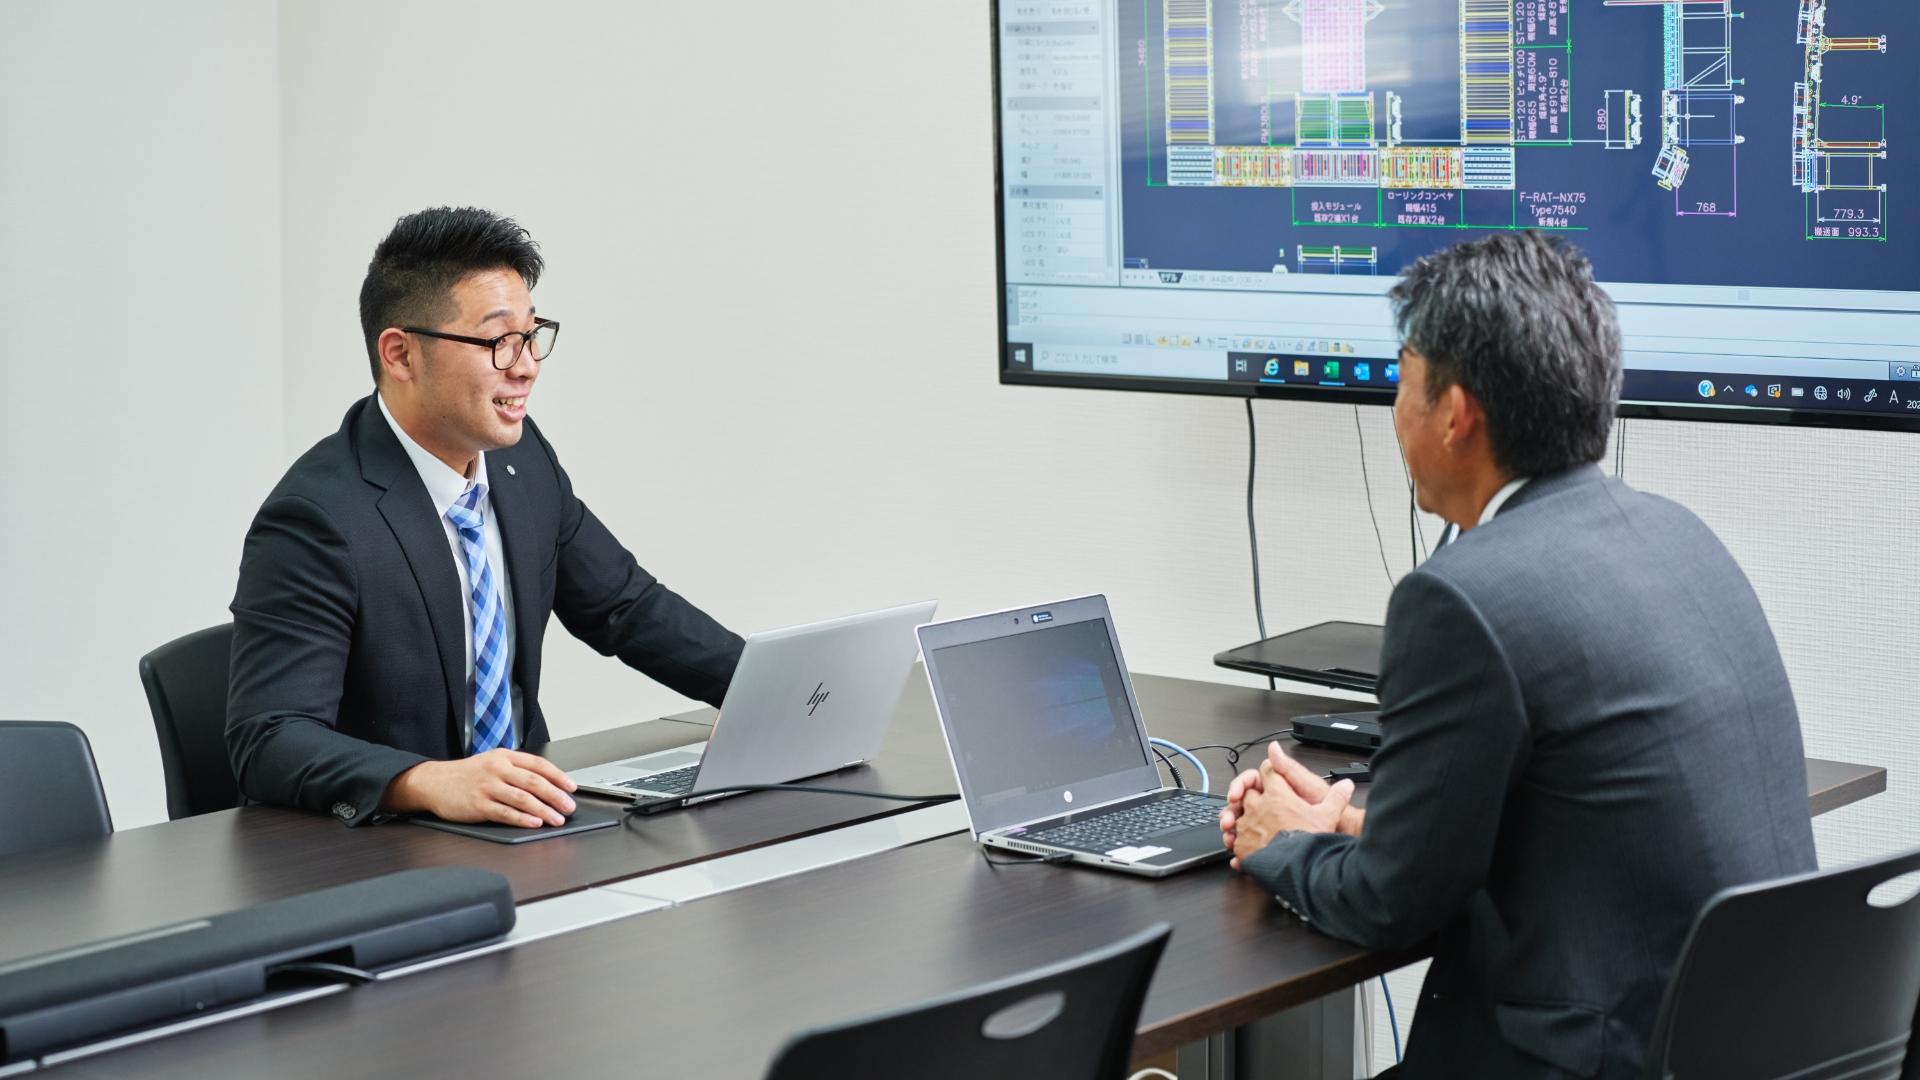 伊東電機株式会社 リクルートサイト 社員インタビュー | SE課(システムエンジニアリング)